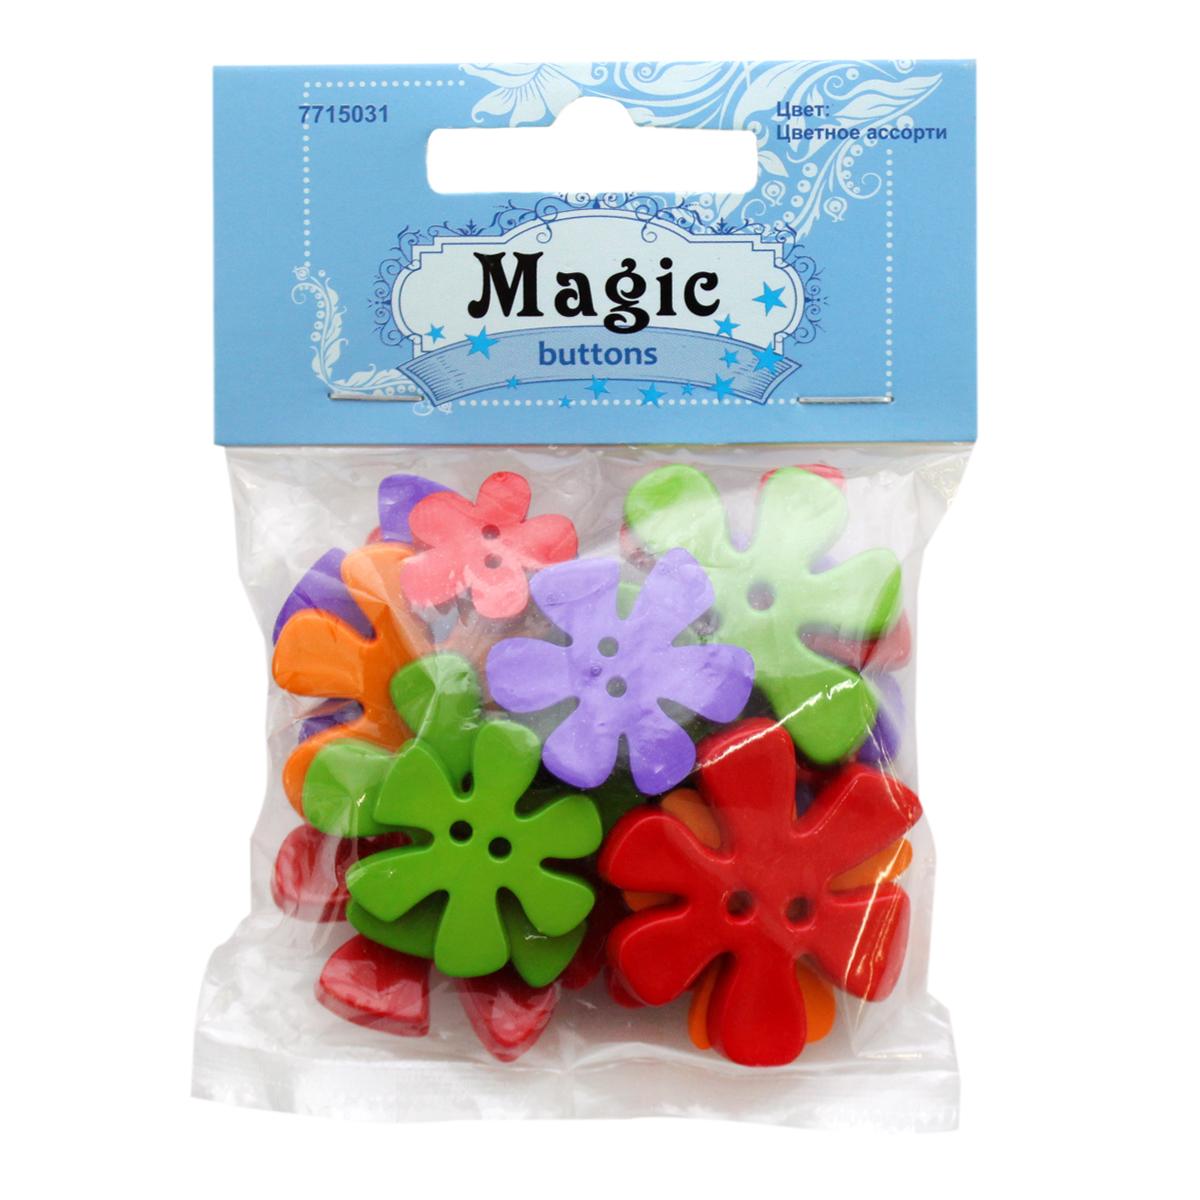 Пуговицы декоративные Magic Buttons Цветы. Цветное ассорти, 30 г7715031_Цветное ассортиЯркие пуговицы бренда Magic Buttons восхищают разнообразием стилей и цветов. Они станут отличным дополнением в качестве завершающего штриха на одежде, кроме того их можно использовать в скрапбуинге, создавать с помощью них интересные открытки, подарочные конверты и многое, многое другое.